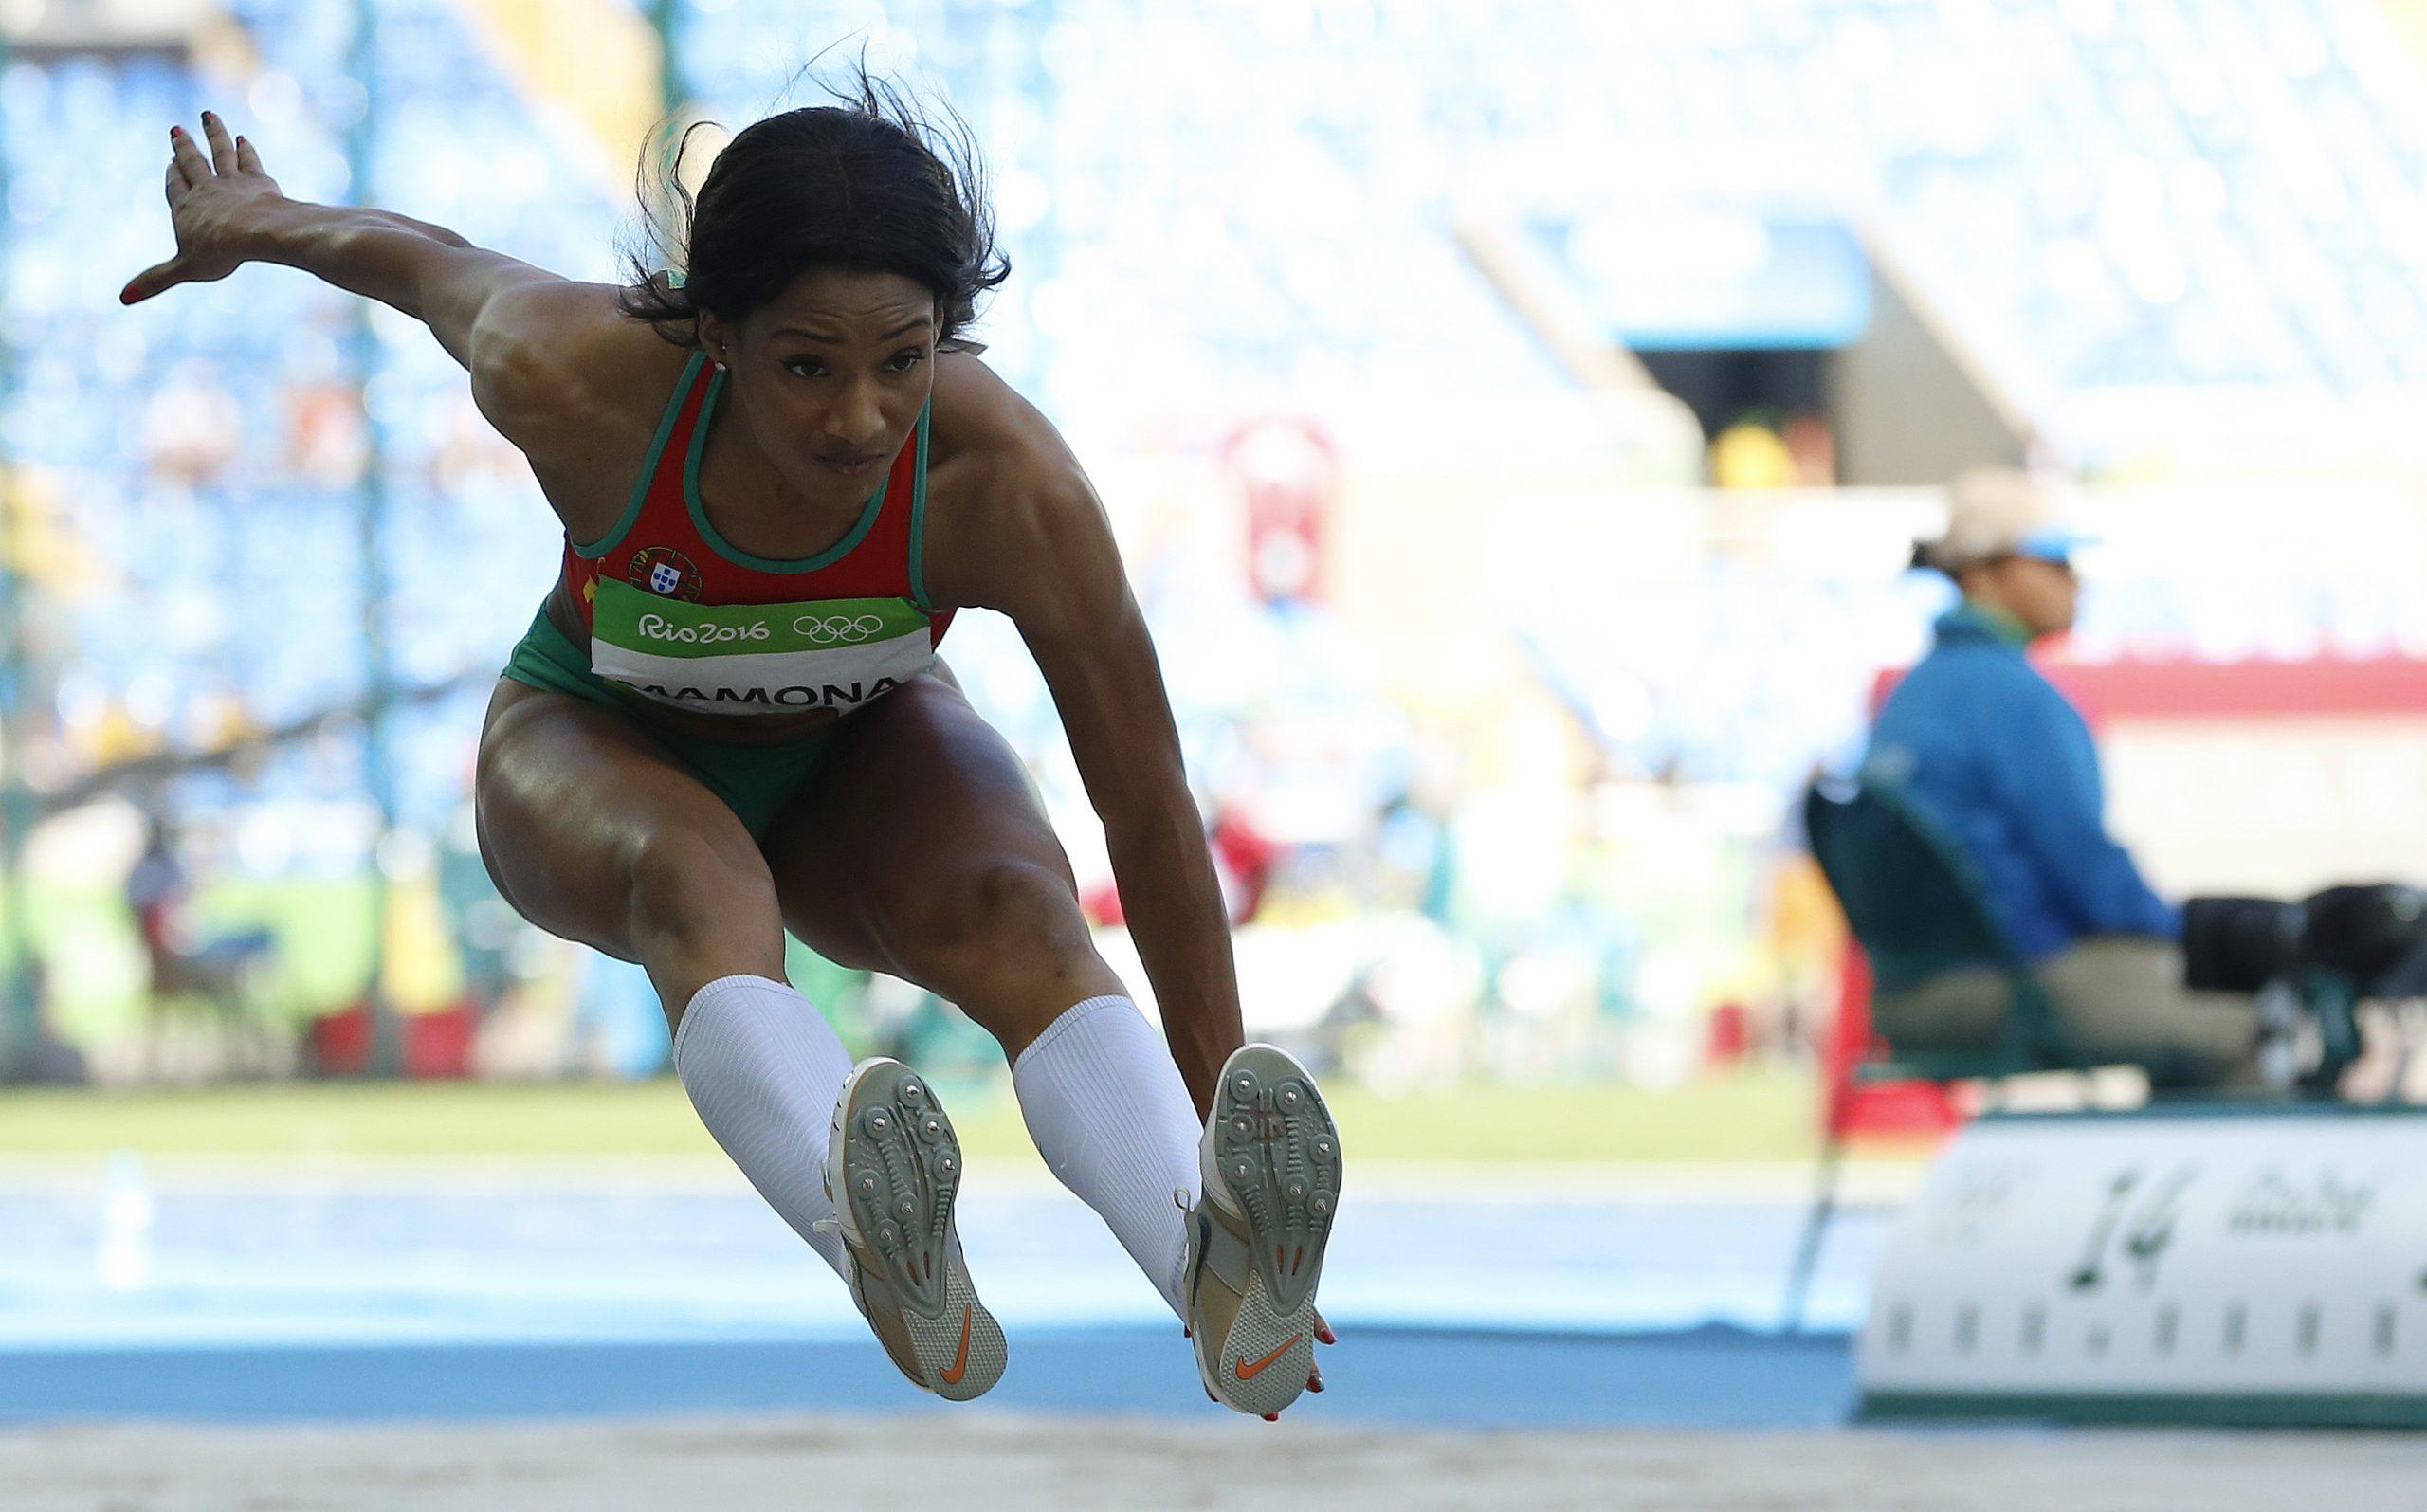 Qualificação do triplo salto feminino. Jogos Olímpicos Rio 2016.